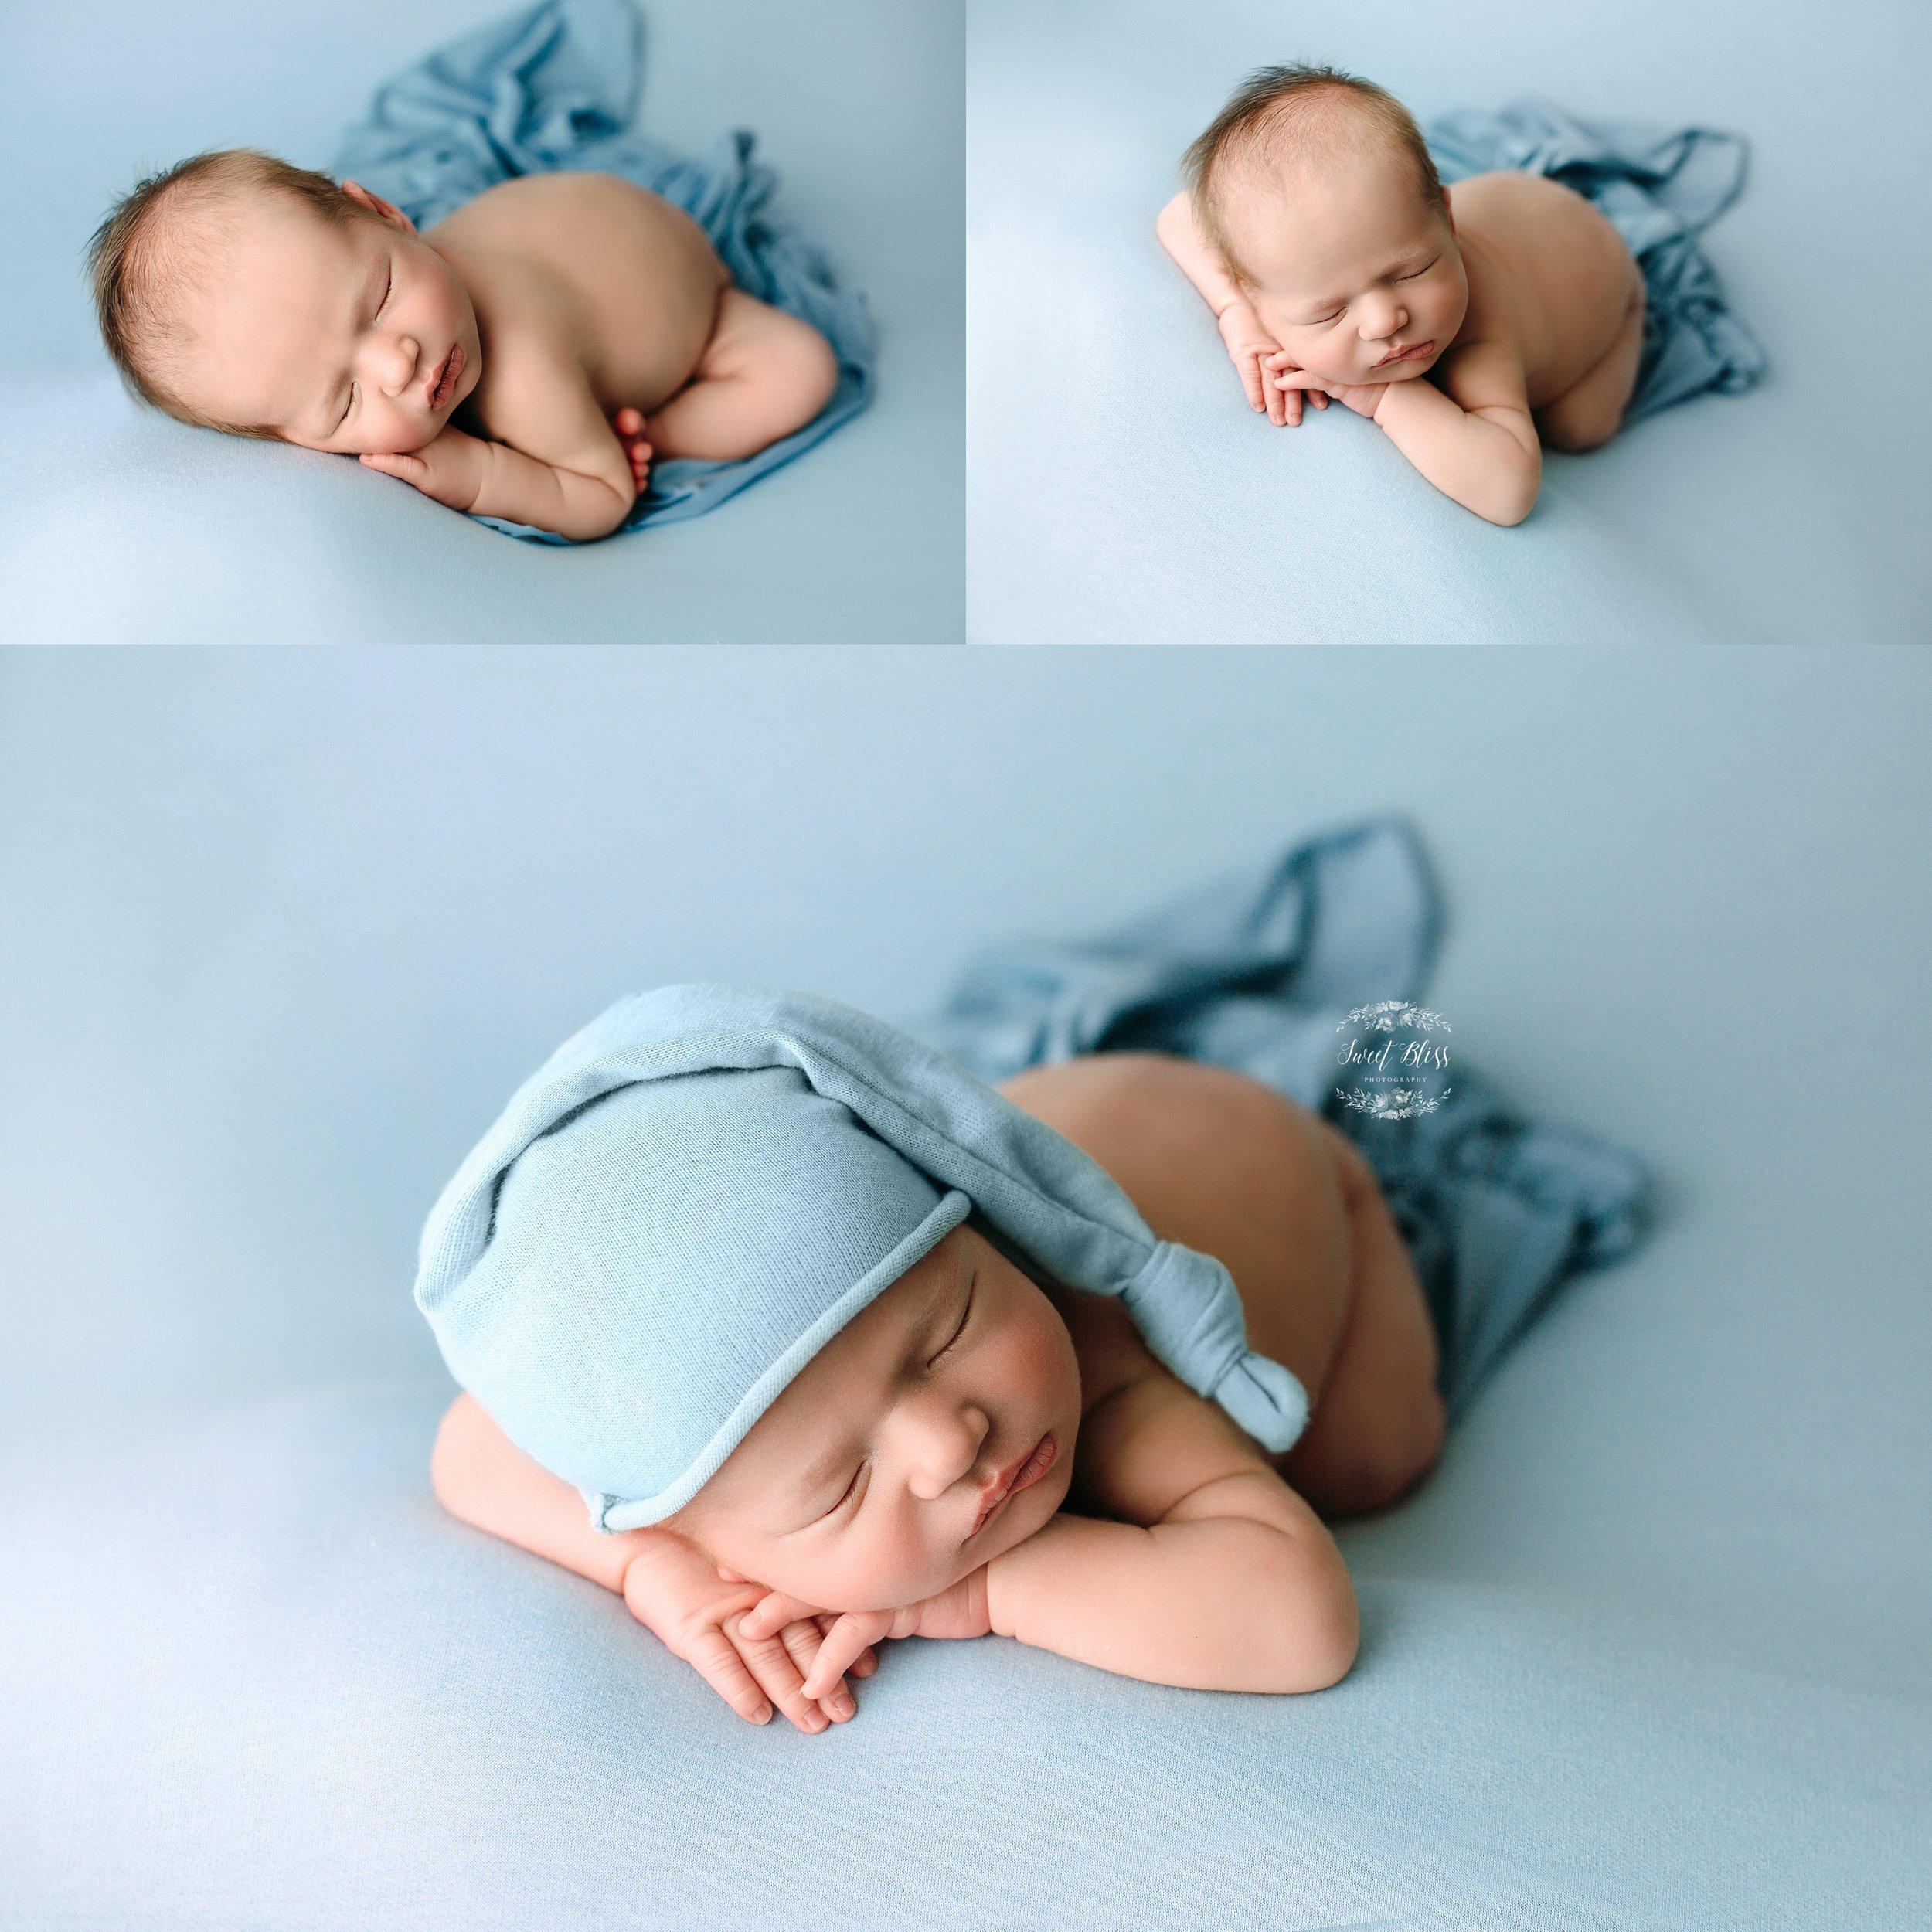 newbornphotographermaryland_newbornbaltimore_sweetblissphoto-1.jpg